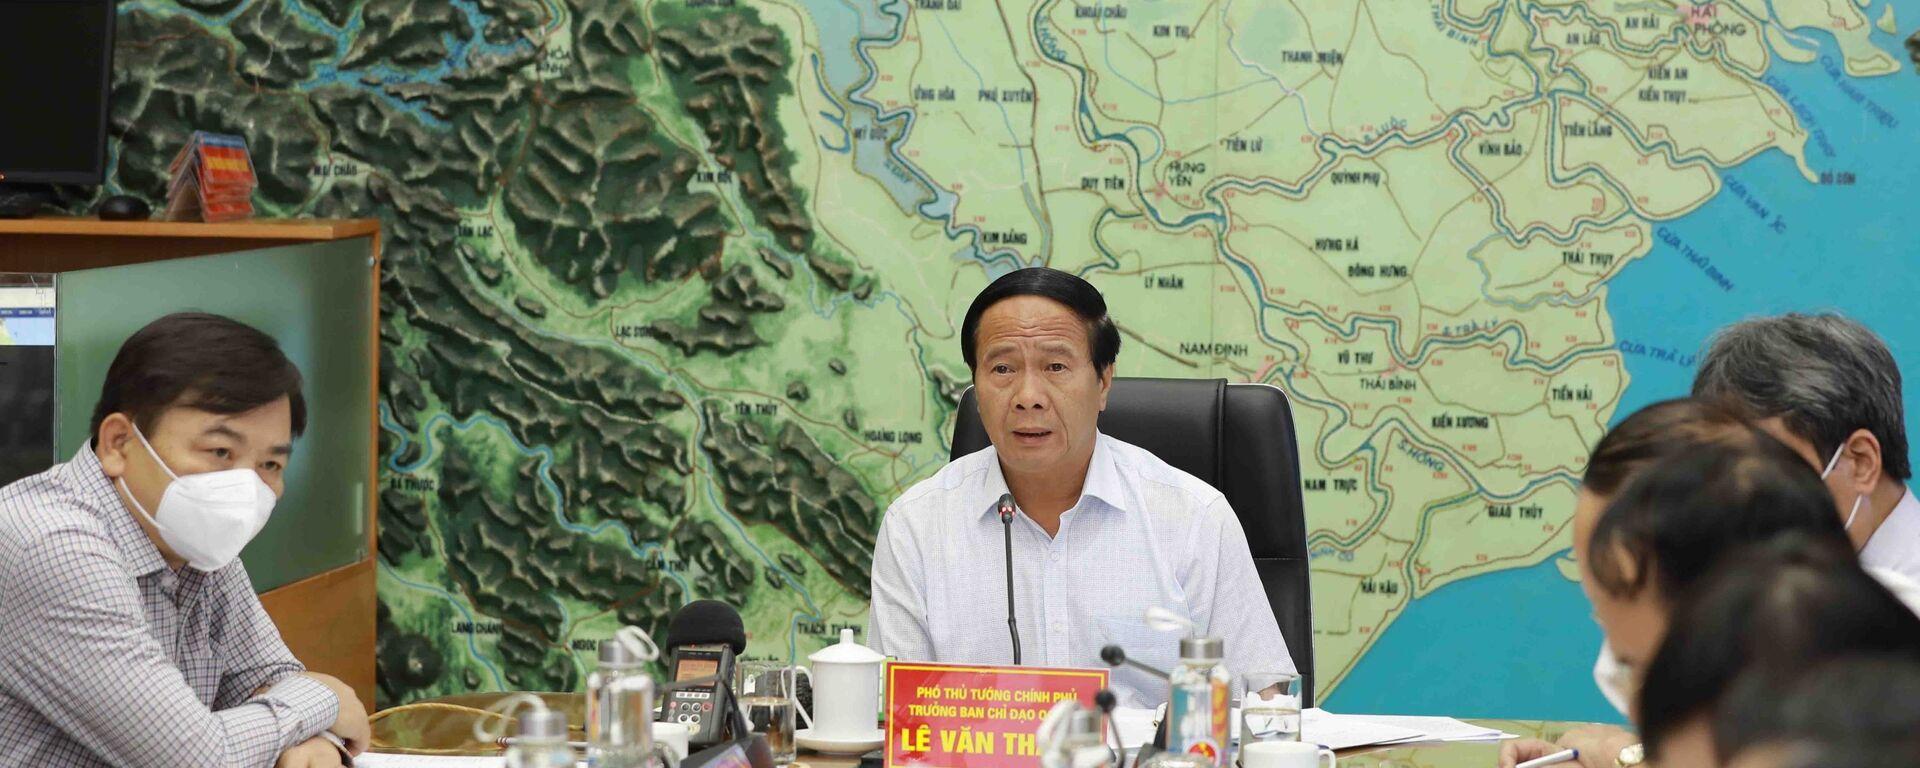 Phó Thủ tướng Lê Văn Thành chỉ đạo công tác ứng phó với bão số 6 - Sputnik Việt Nam, 1920, 24.09.2021